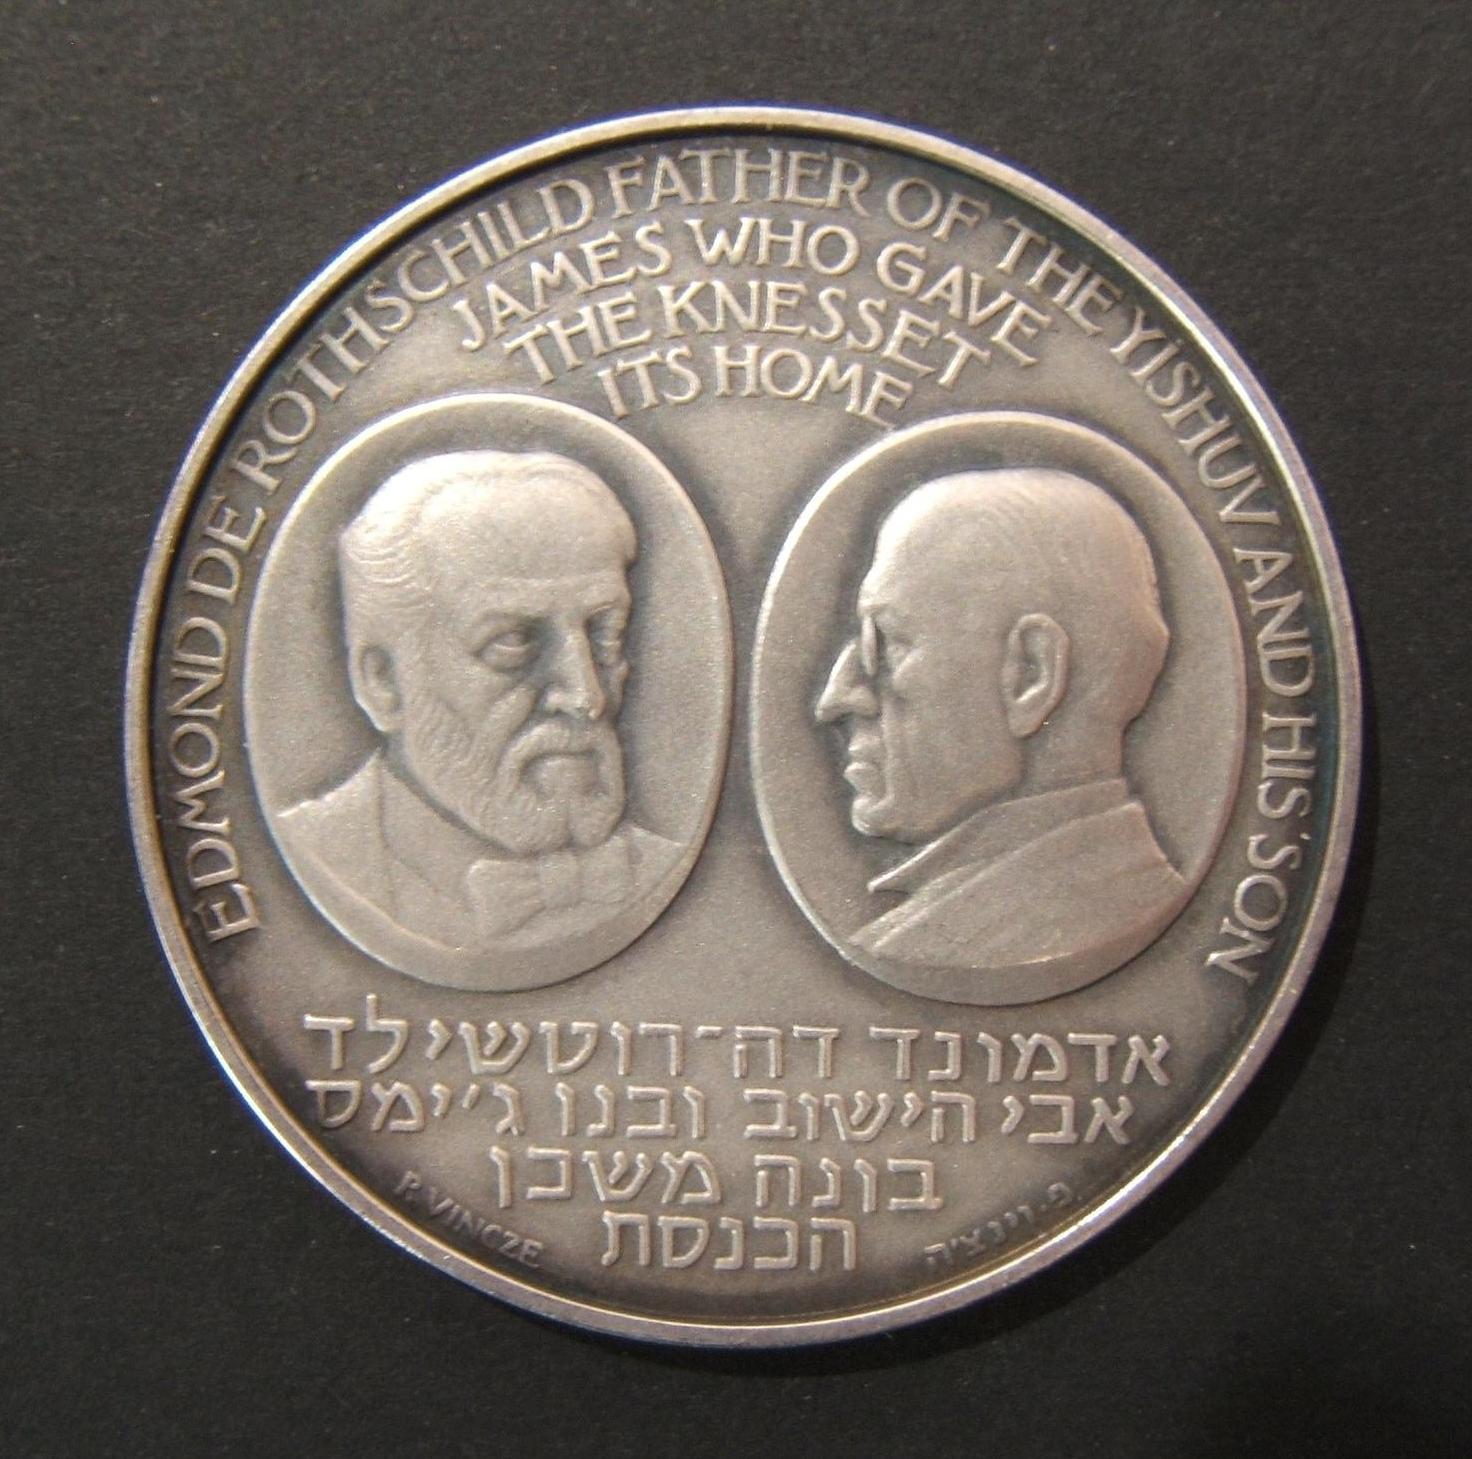 Israel: Rothschild / Knesset-Gebäude nummerierte (285 von 4974) staatliche Silbermedaille, 1966; von Paul Vincze; Größe: 45 mm; Gewicht: 40 g. In UNZ+: leichte Oberflächenmarke auf